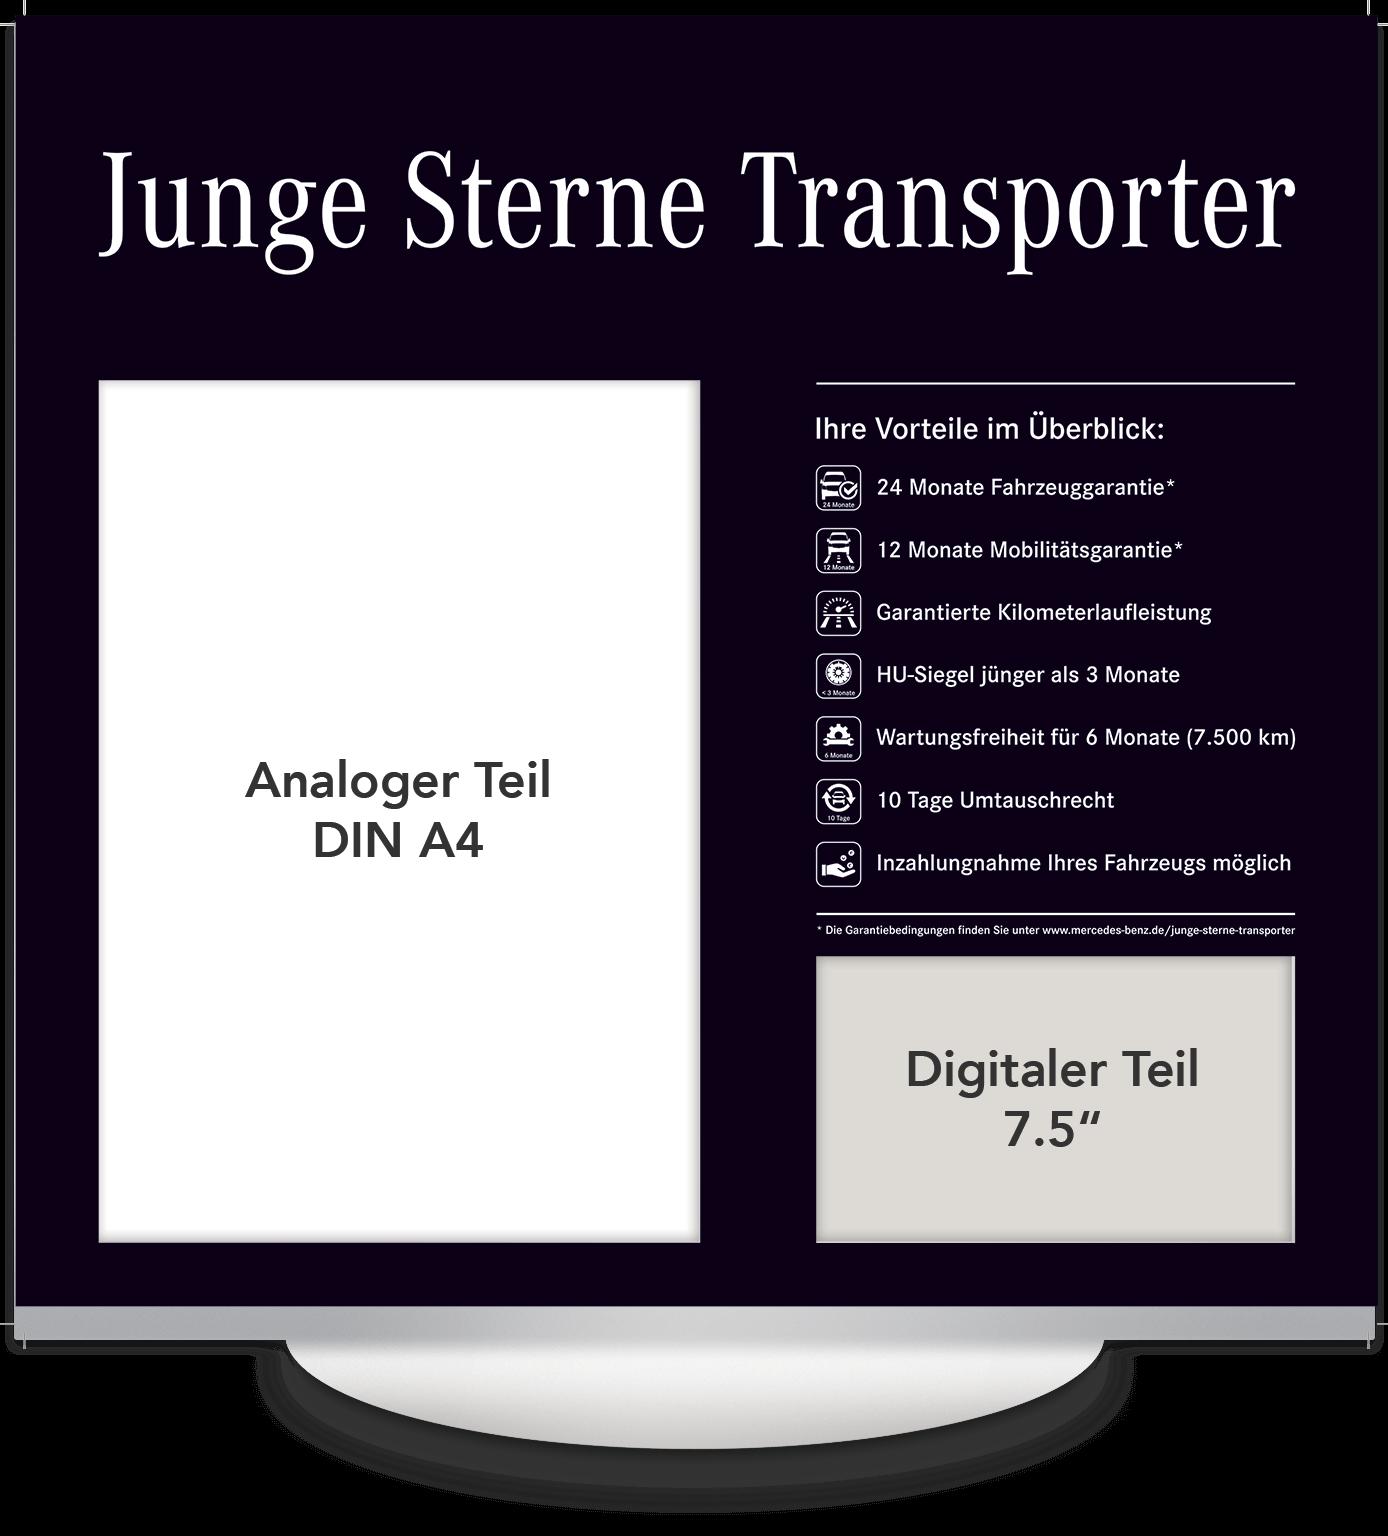 Elektronisches Preisschild 7.5 Zoll Mercedes Junge Sterne Transporter Design